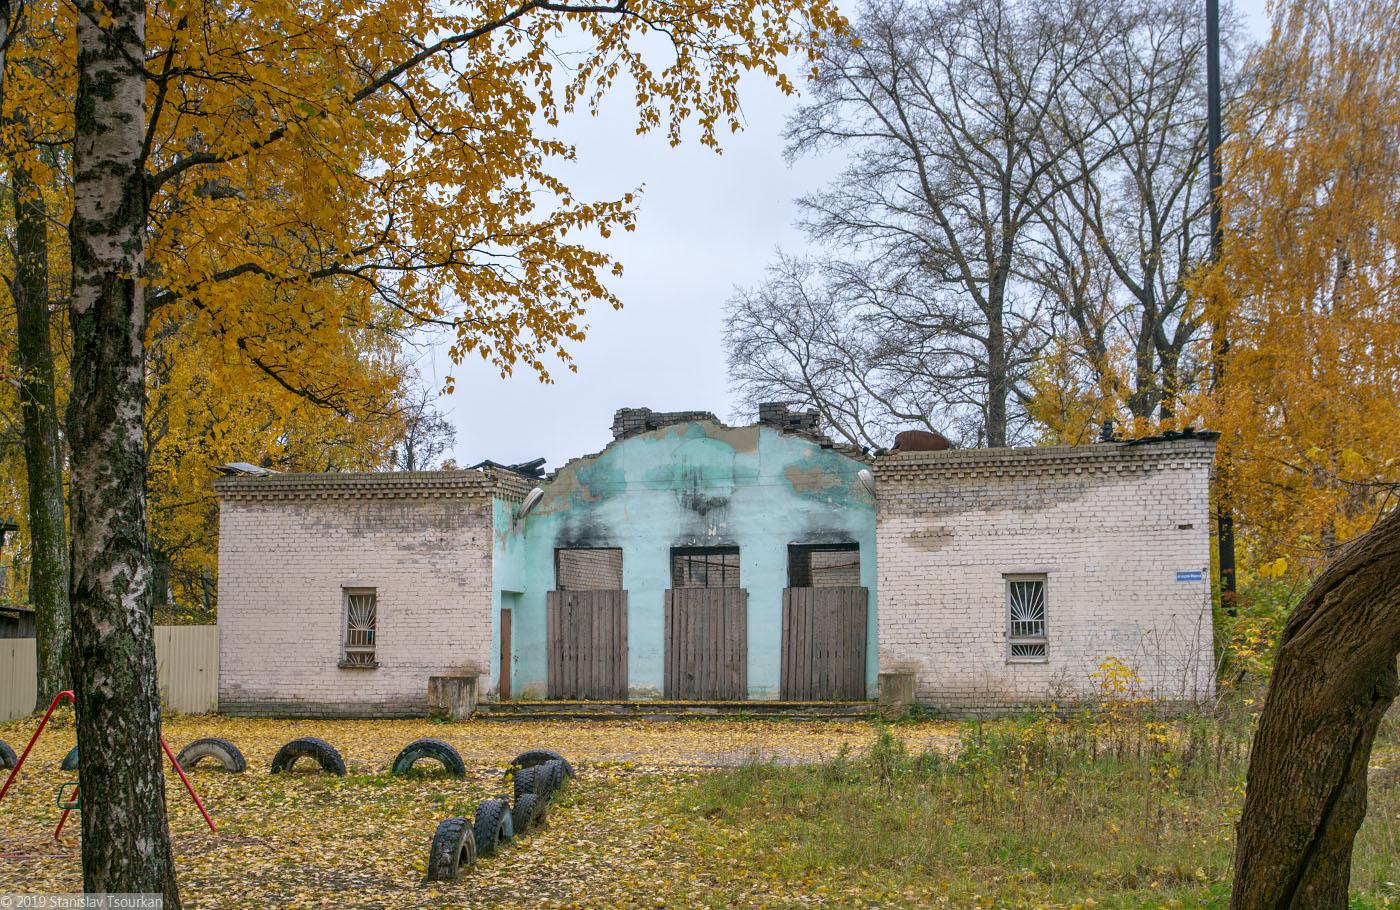 Весьегонск, Тверская область, баня, развалины